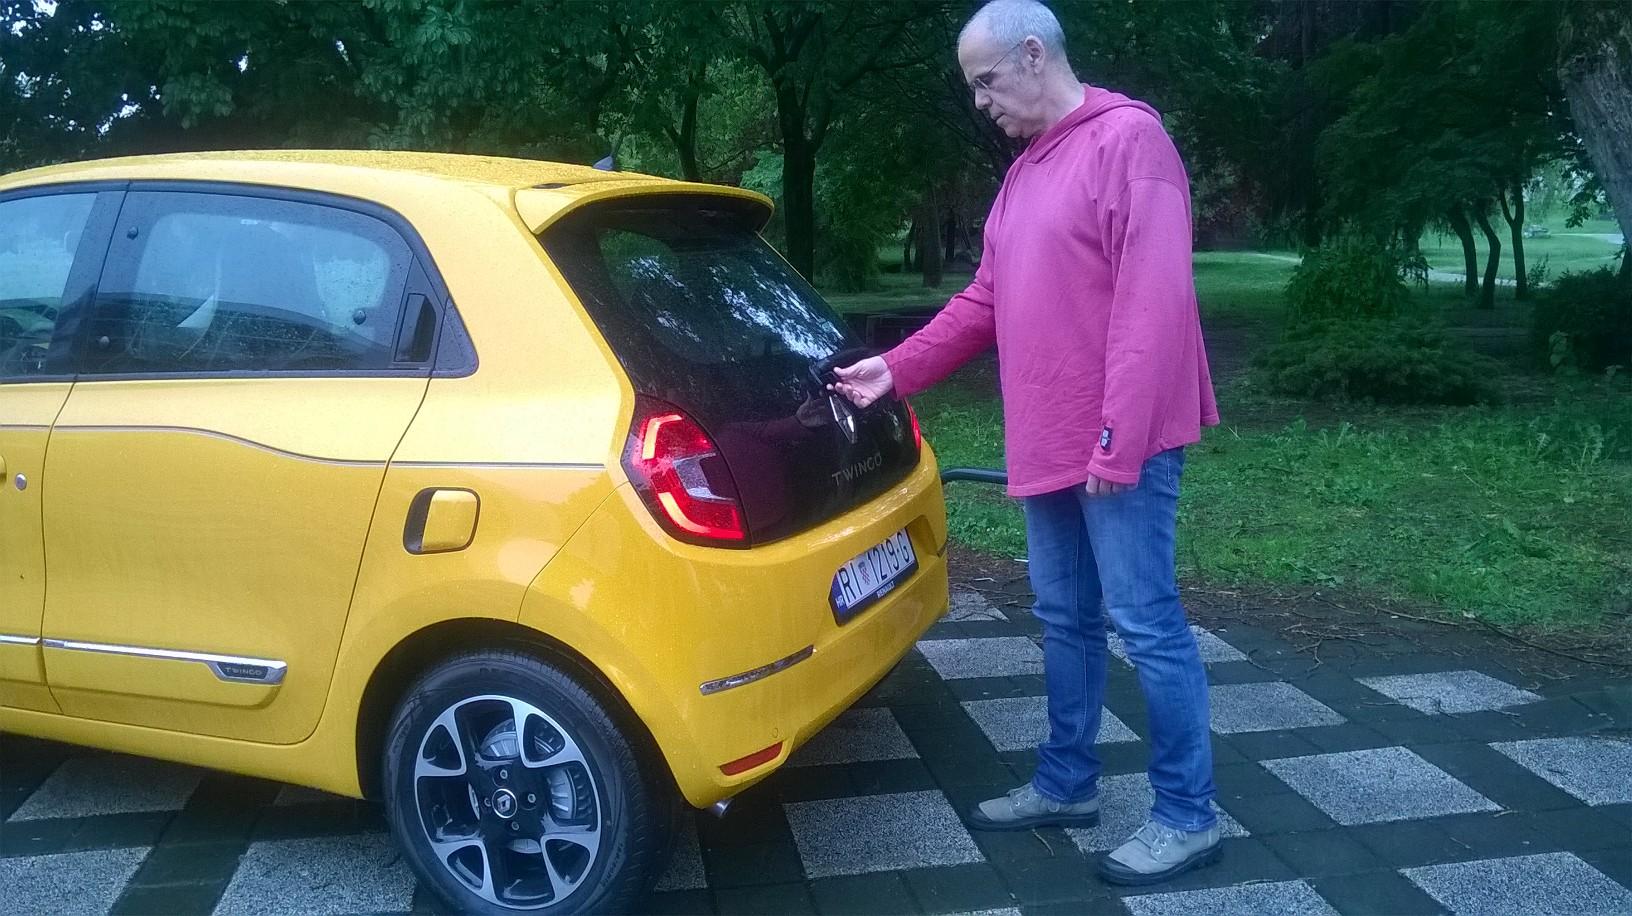 Vozili smo: novi Renault Twingo FL